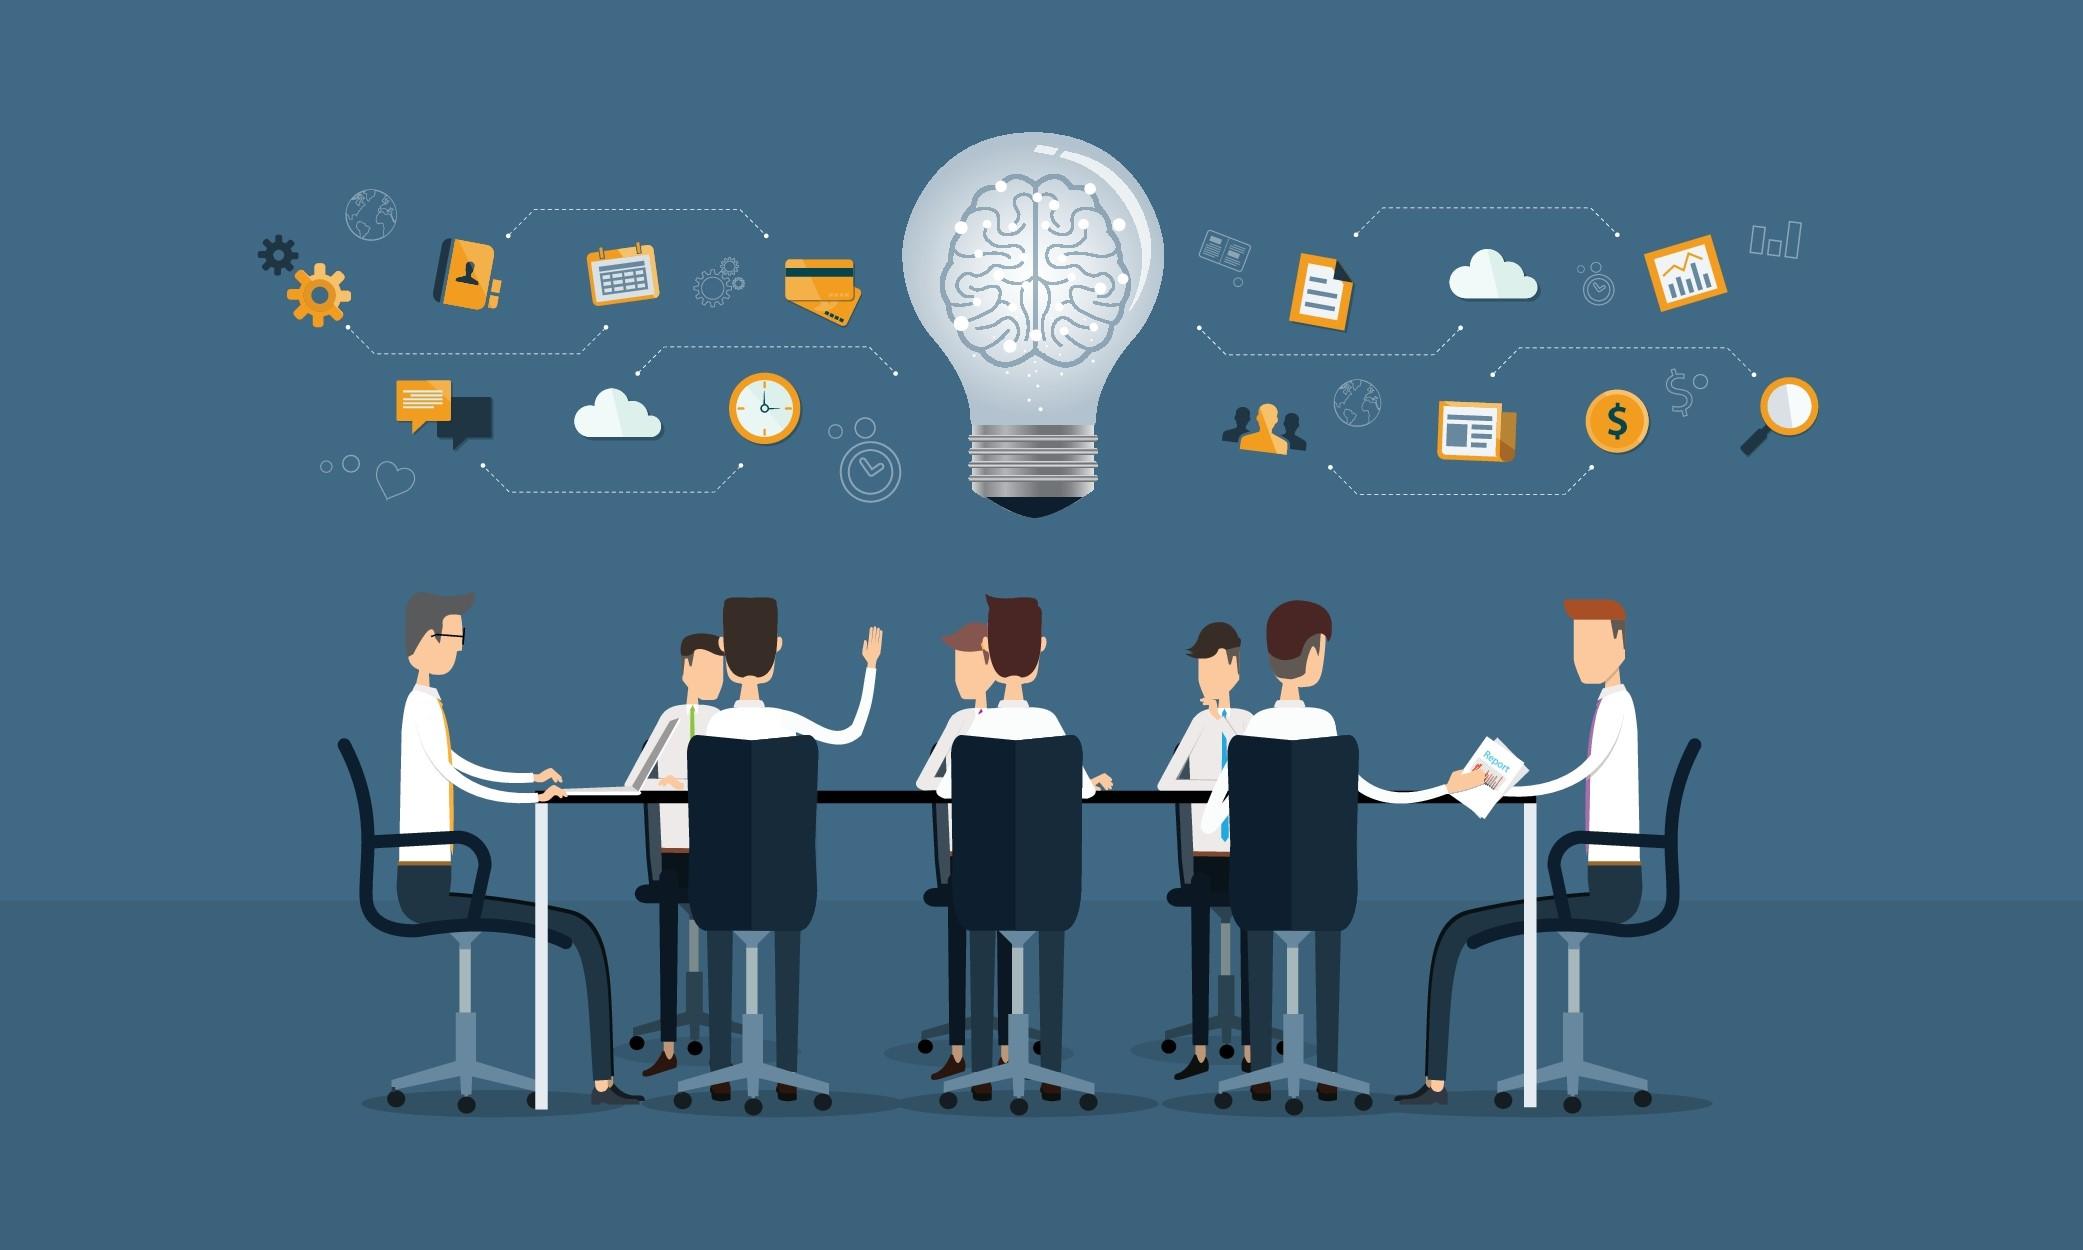 明日から実行できる!成果が上がる営業会議の進め方 7ステップ